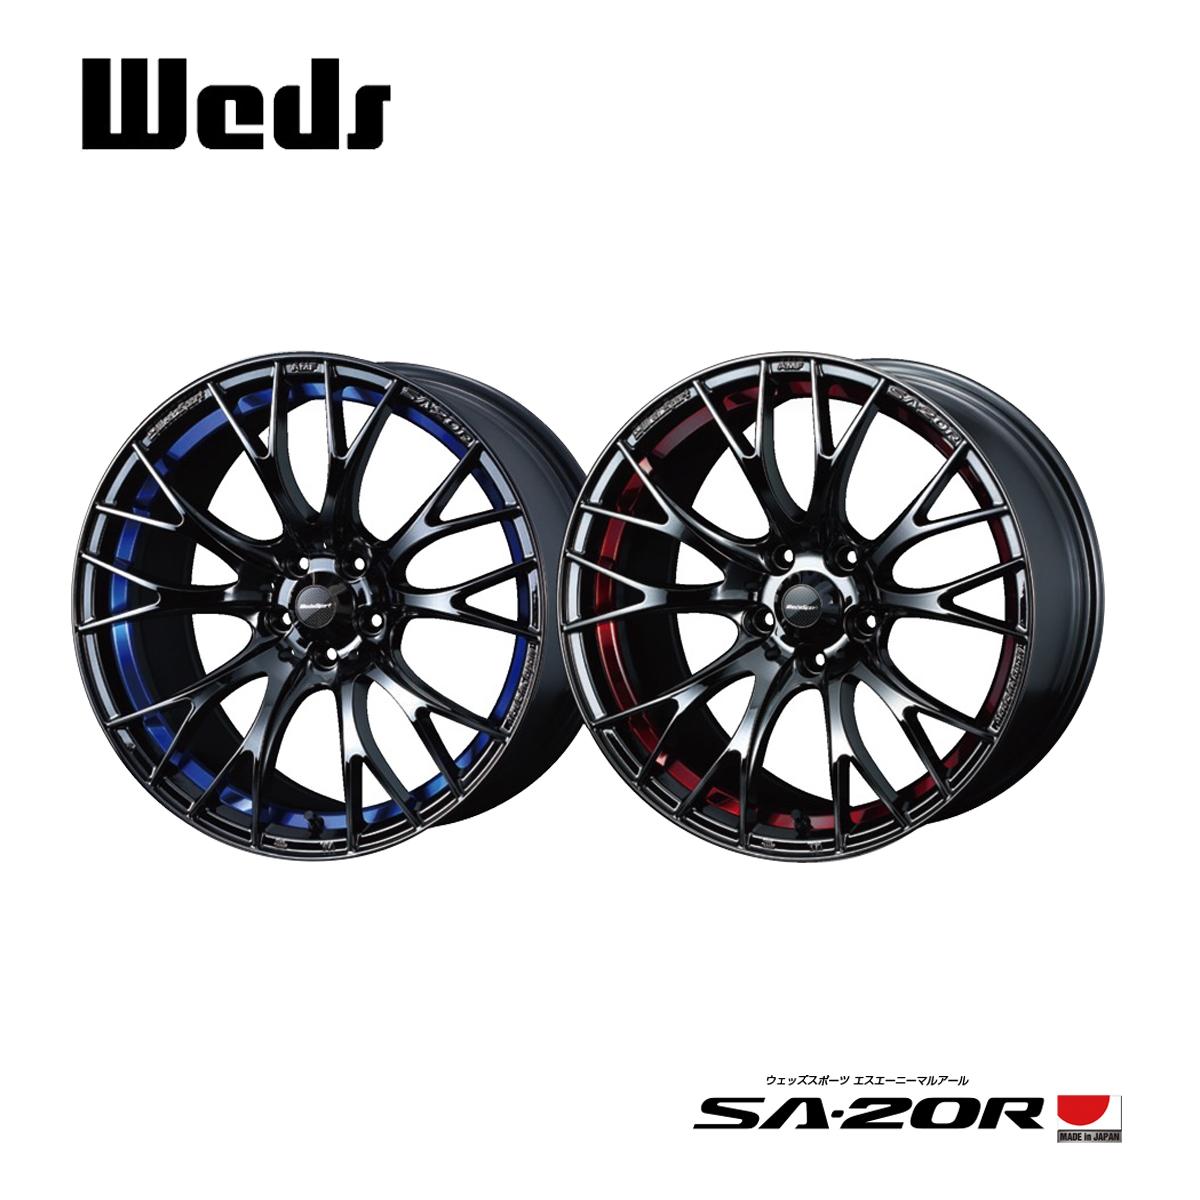 ウエッズスポーツ WedsSport SA-20R ホイール 1本 18 インチ 5114.3 7.5J+45 ウェッズ WEDS